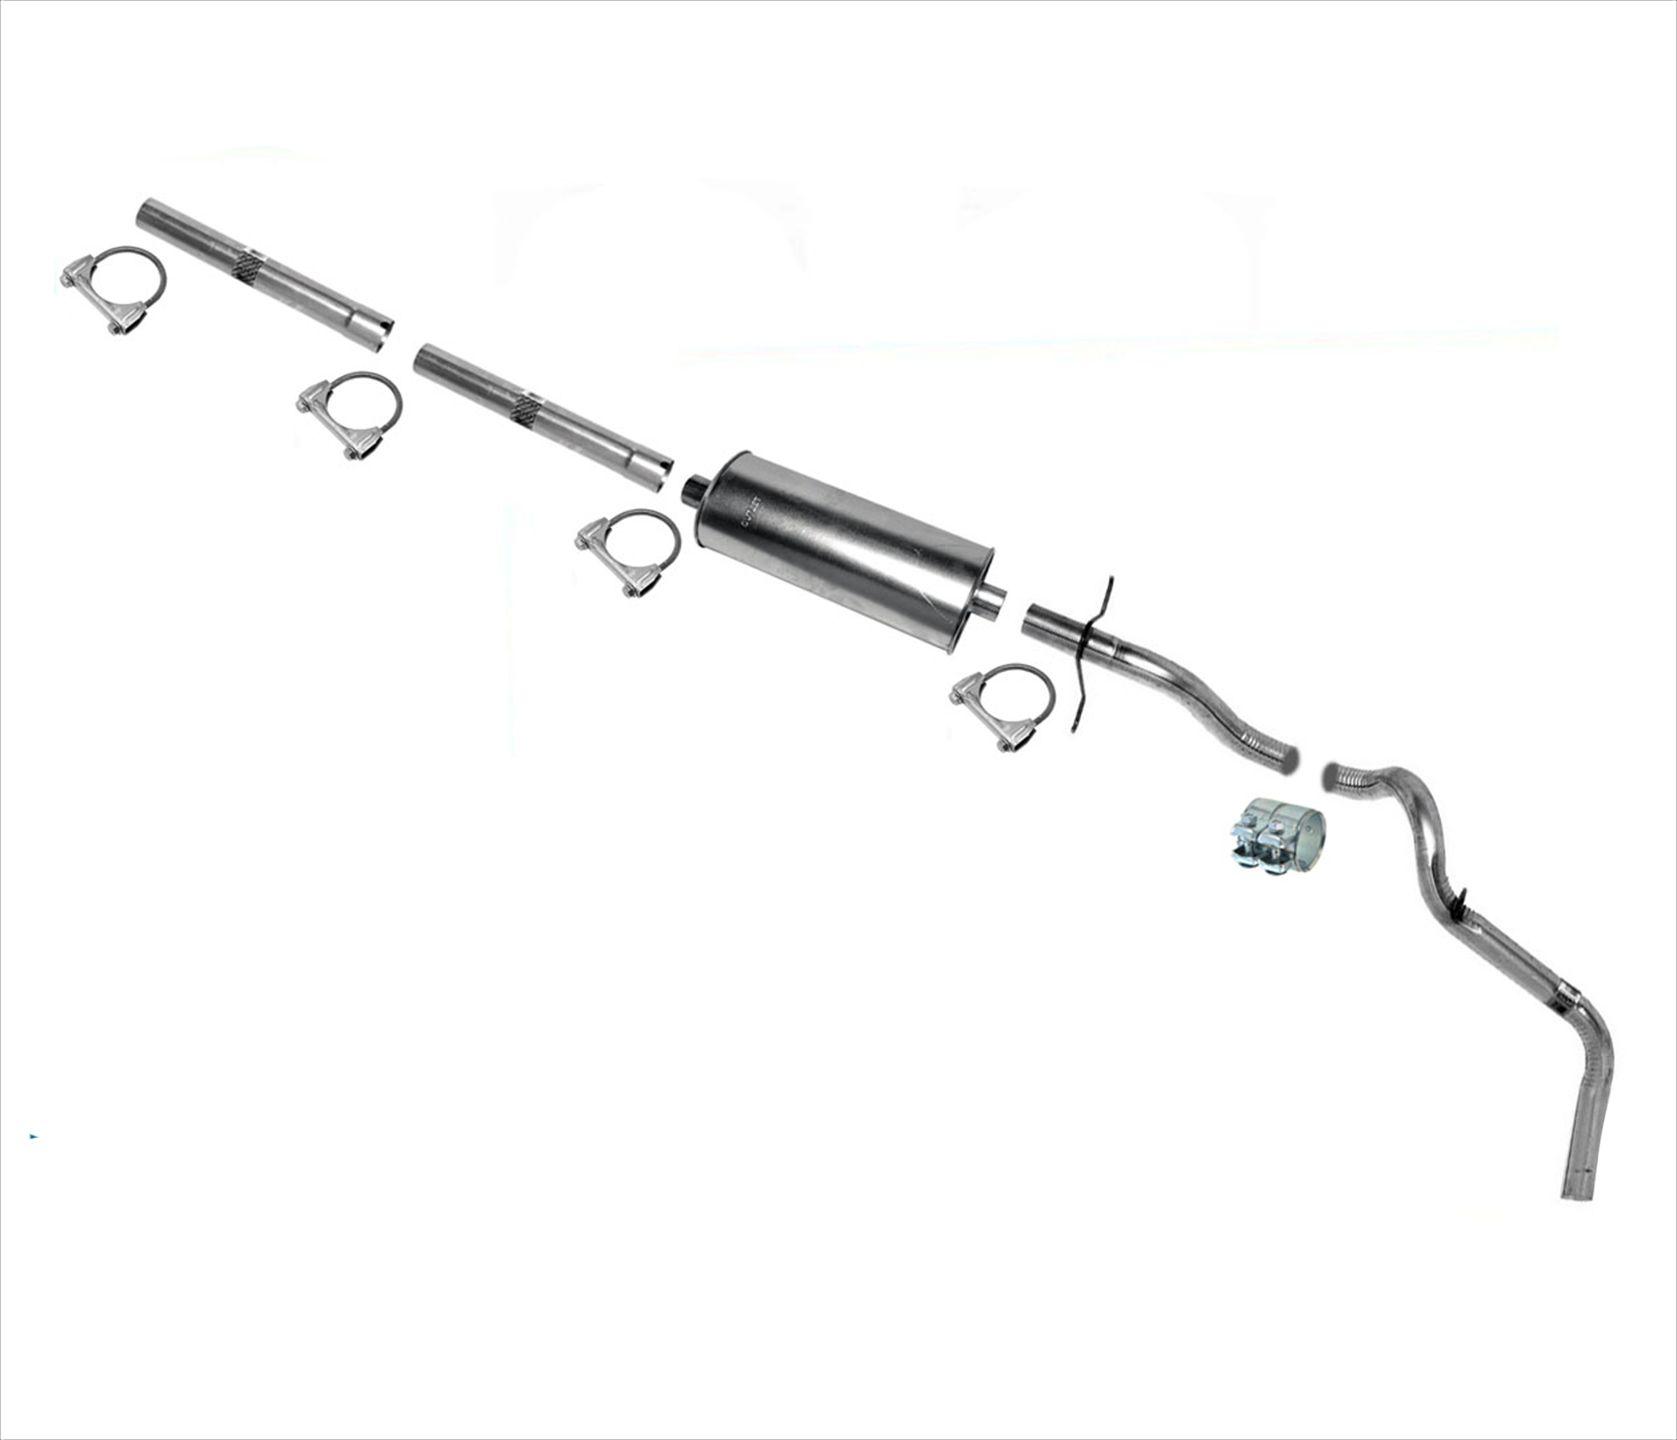 Fits Ford F150 F250 4.2L 4.6L 5.4L Muffler Exhaust System